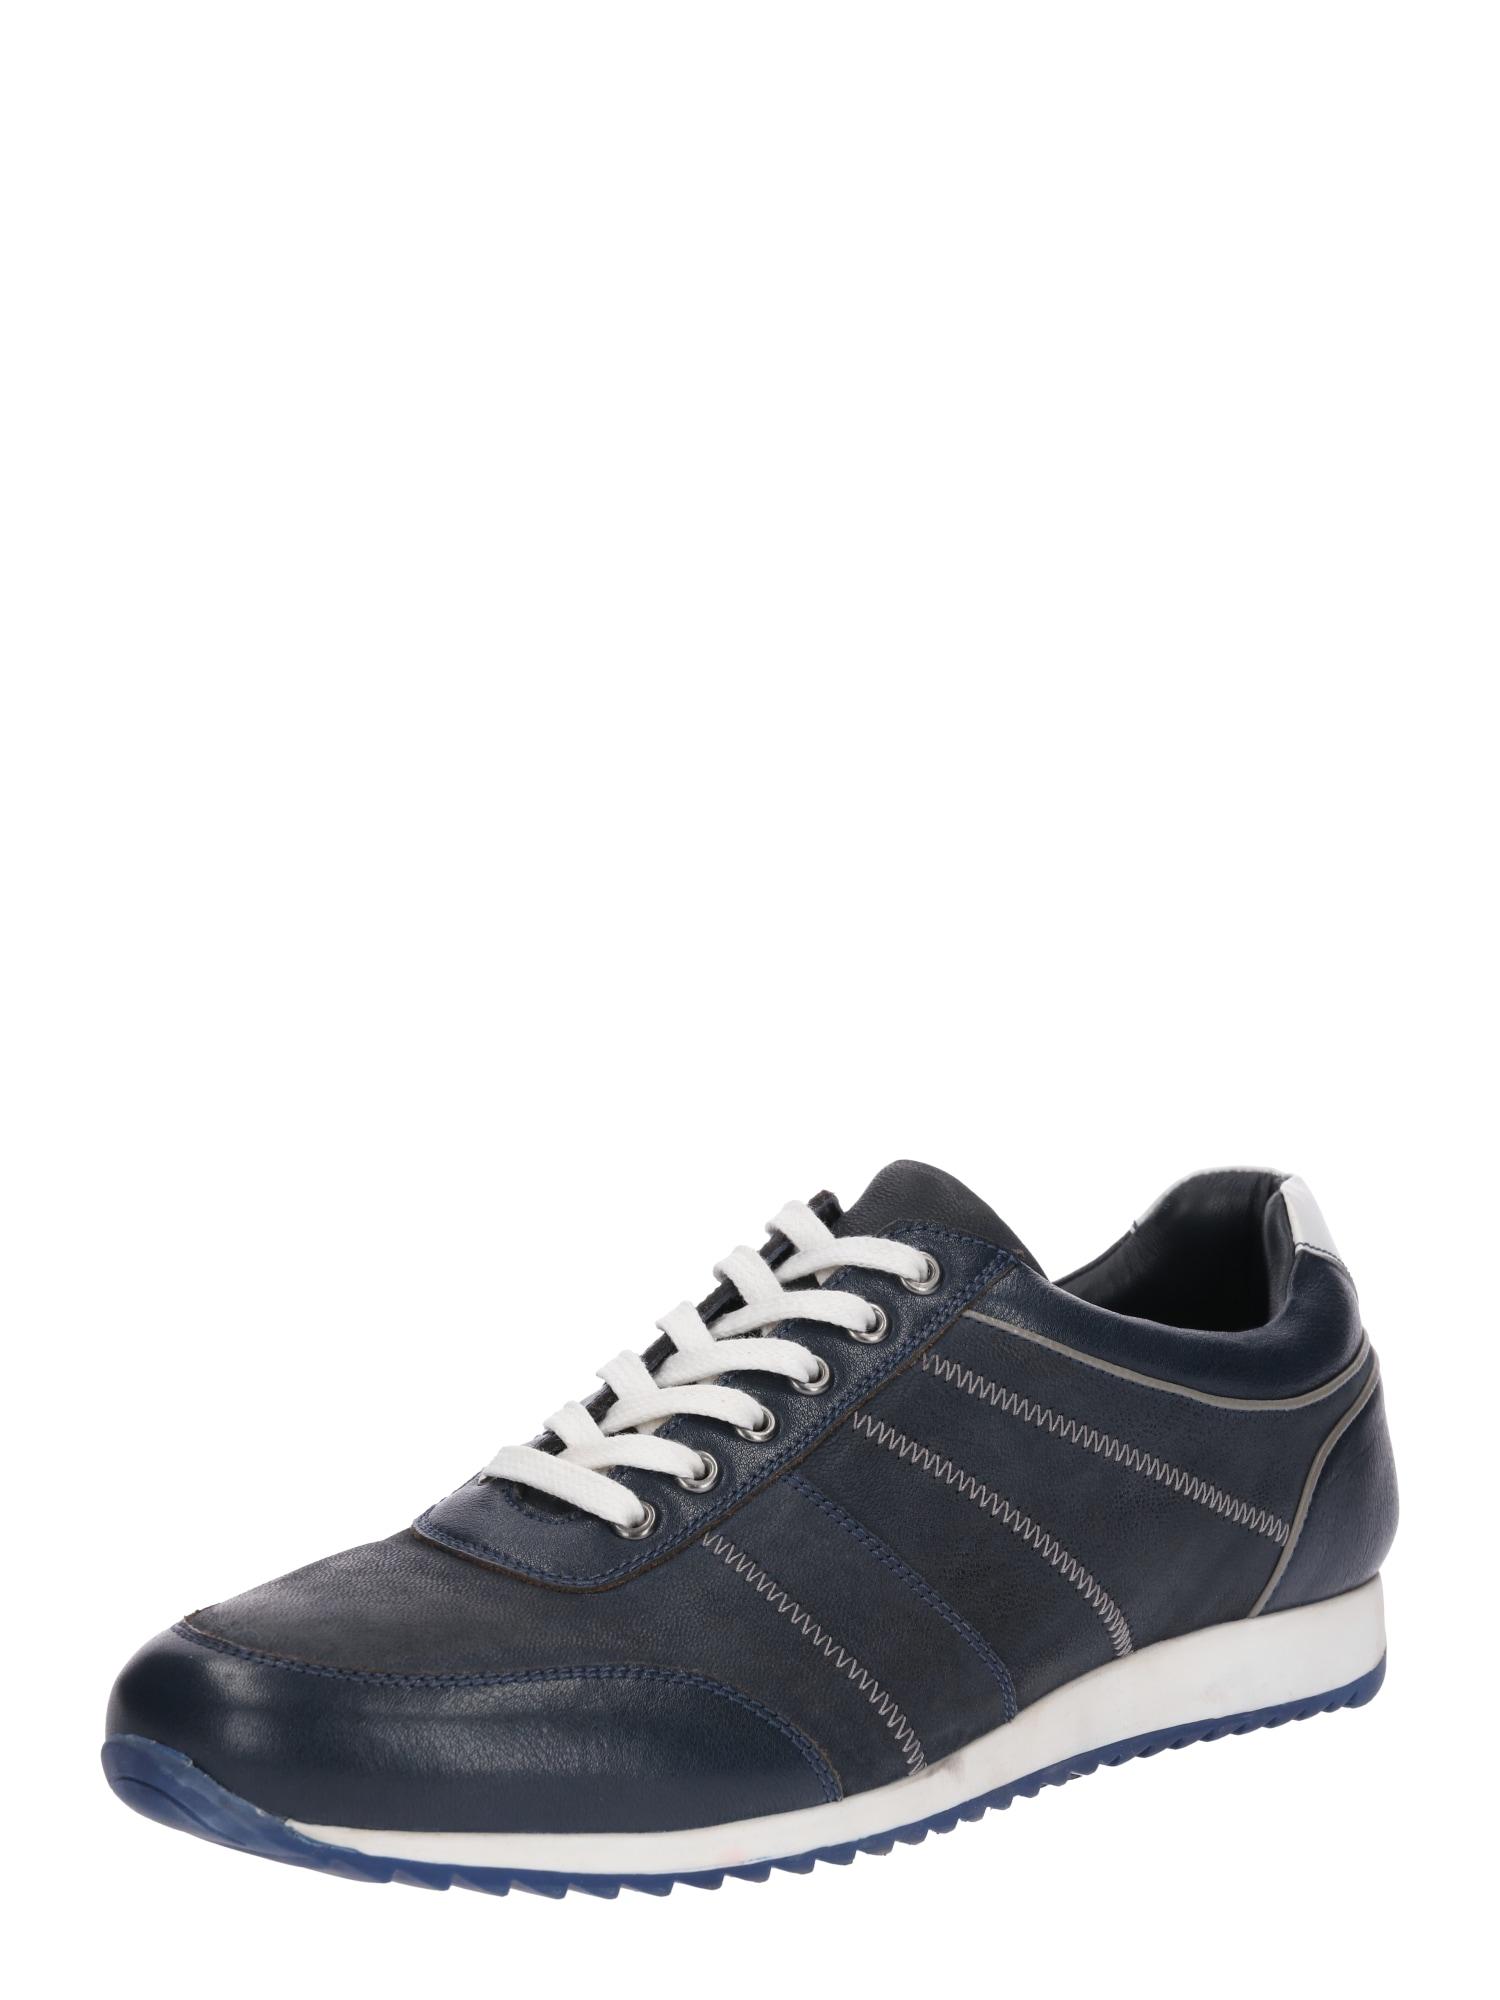 Sportovní šněrovací boty Björn modrá ABOUT YOU